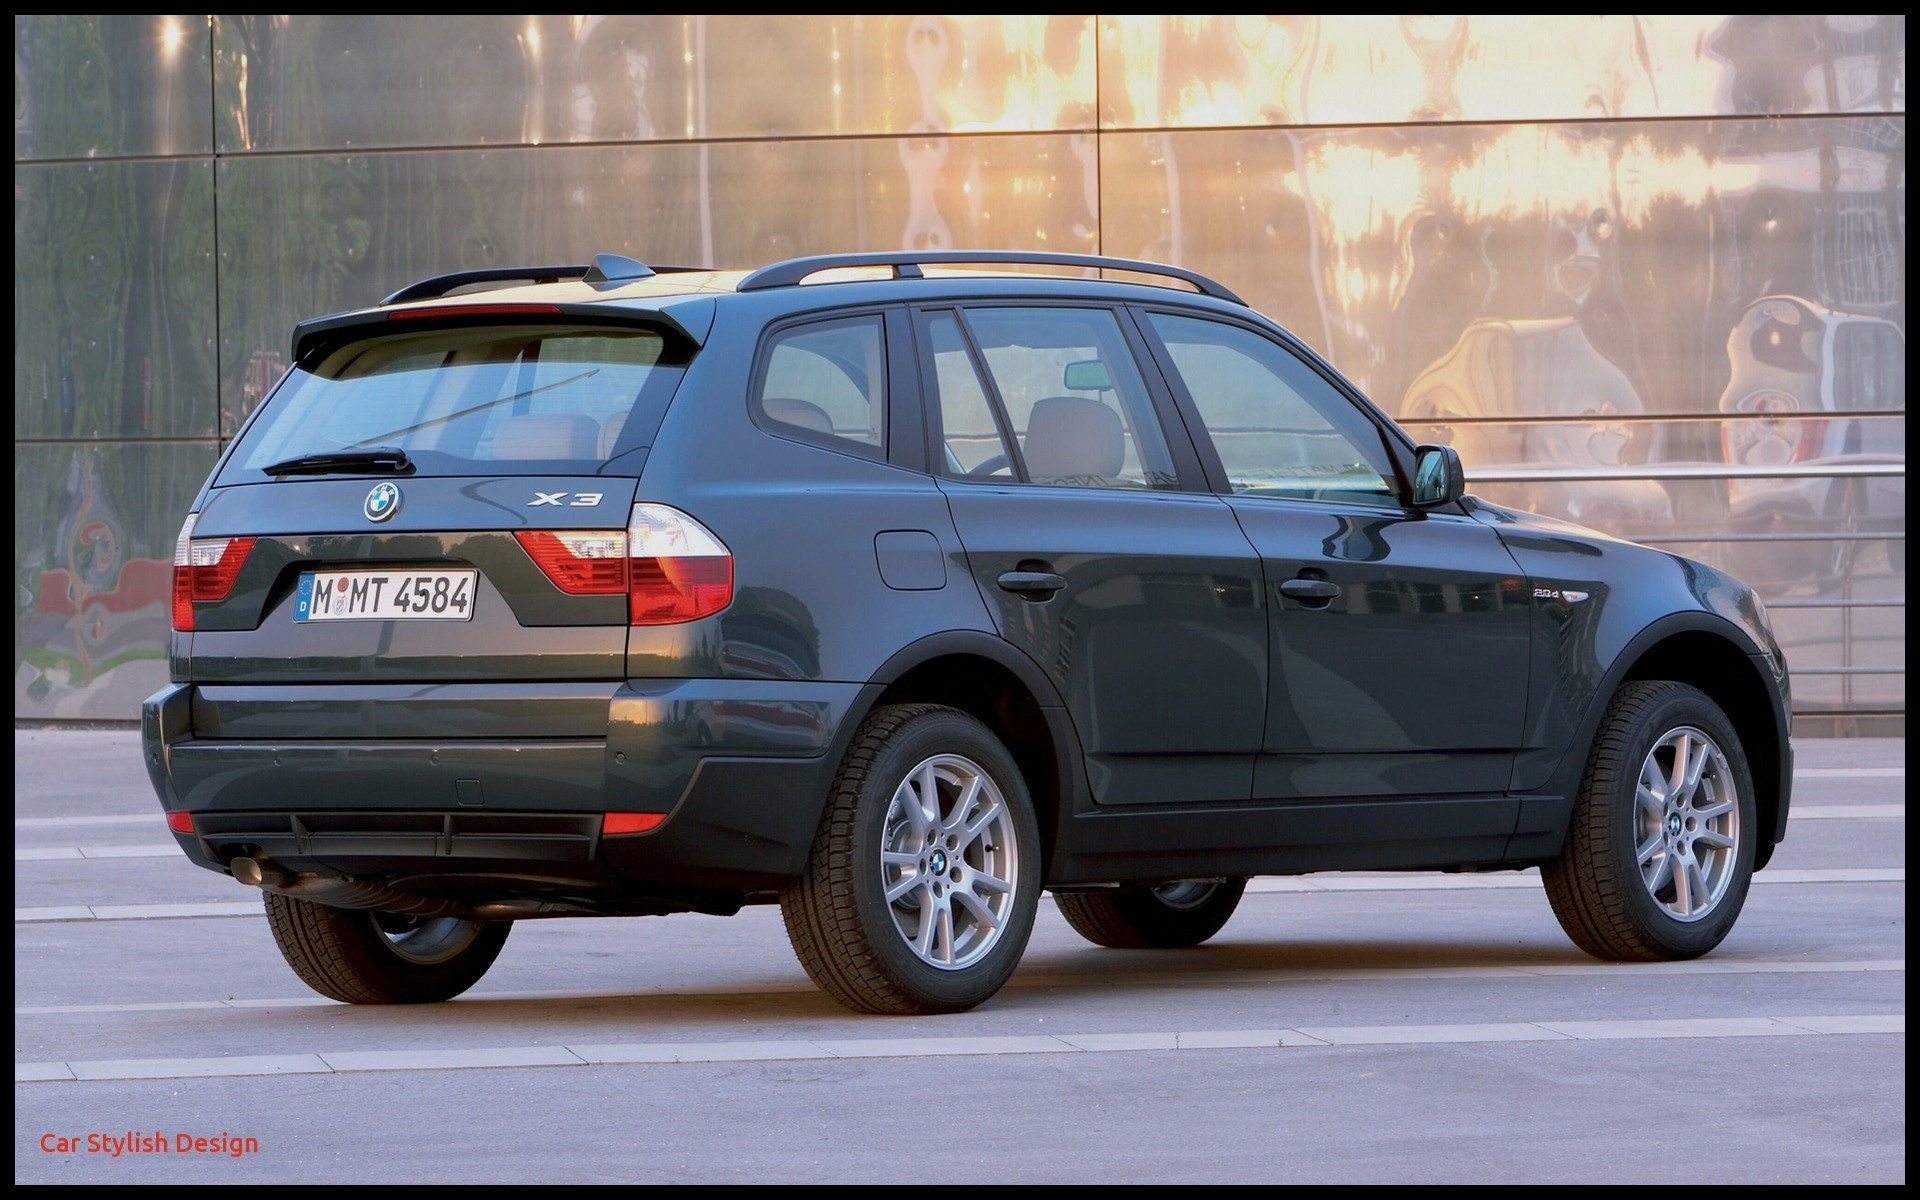 Bmw Small Car Wonderful Bmw Small Car Fresh Bmw X3 2 0d 2007 High Quality Bmw Tuning Wallpaper Hd